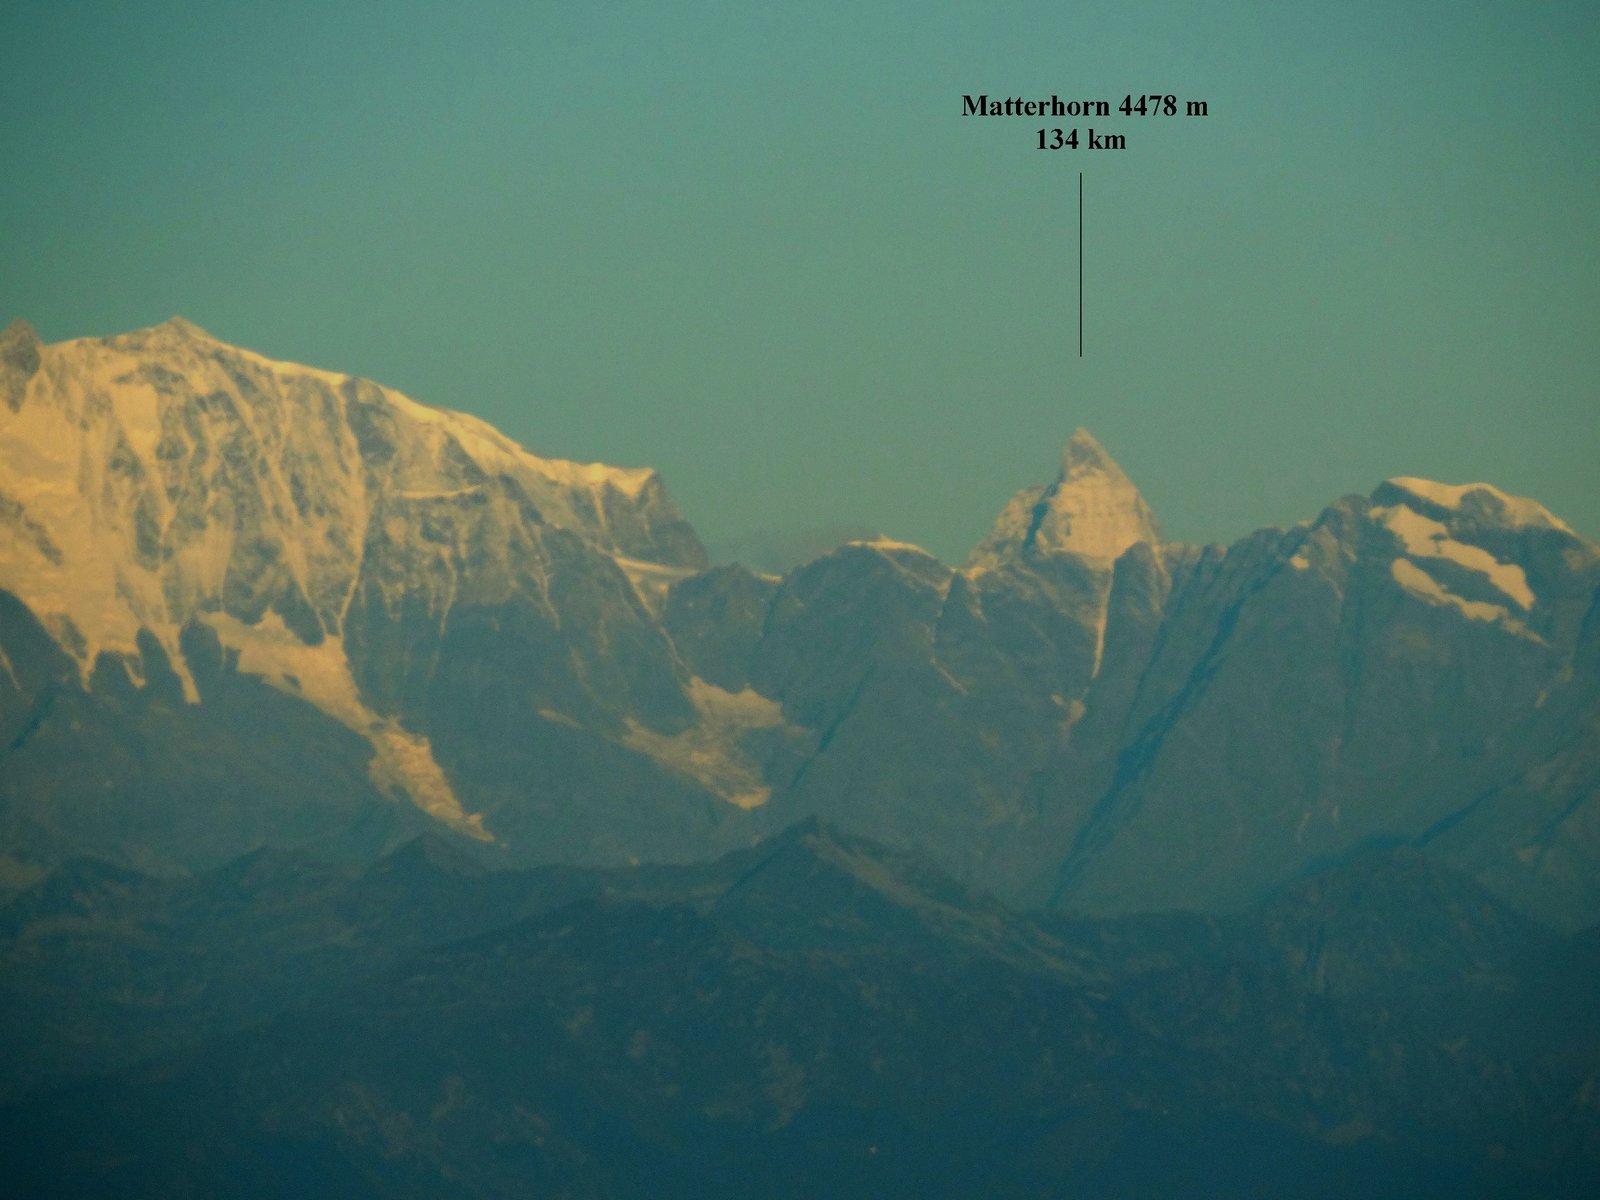 1 Matterhorn.JPG